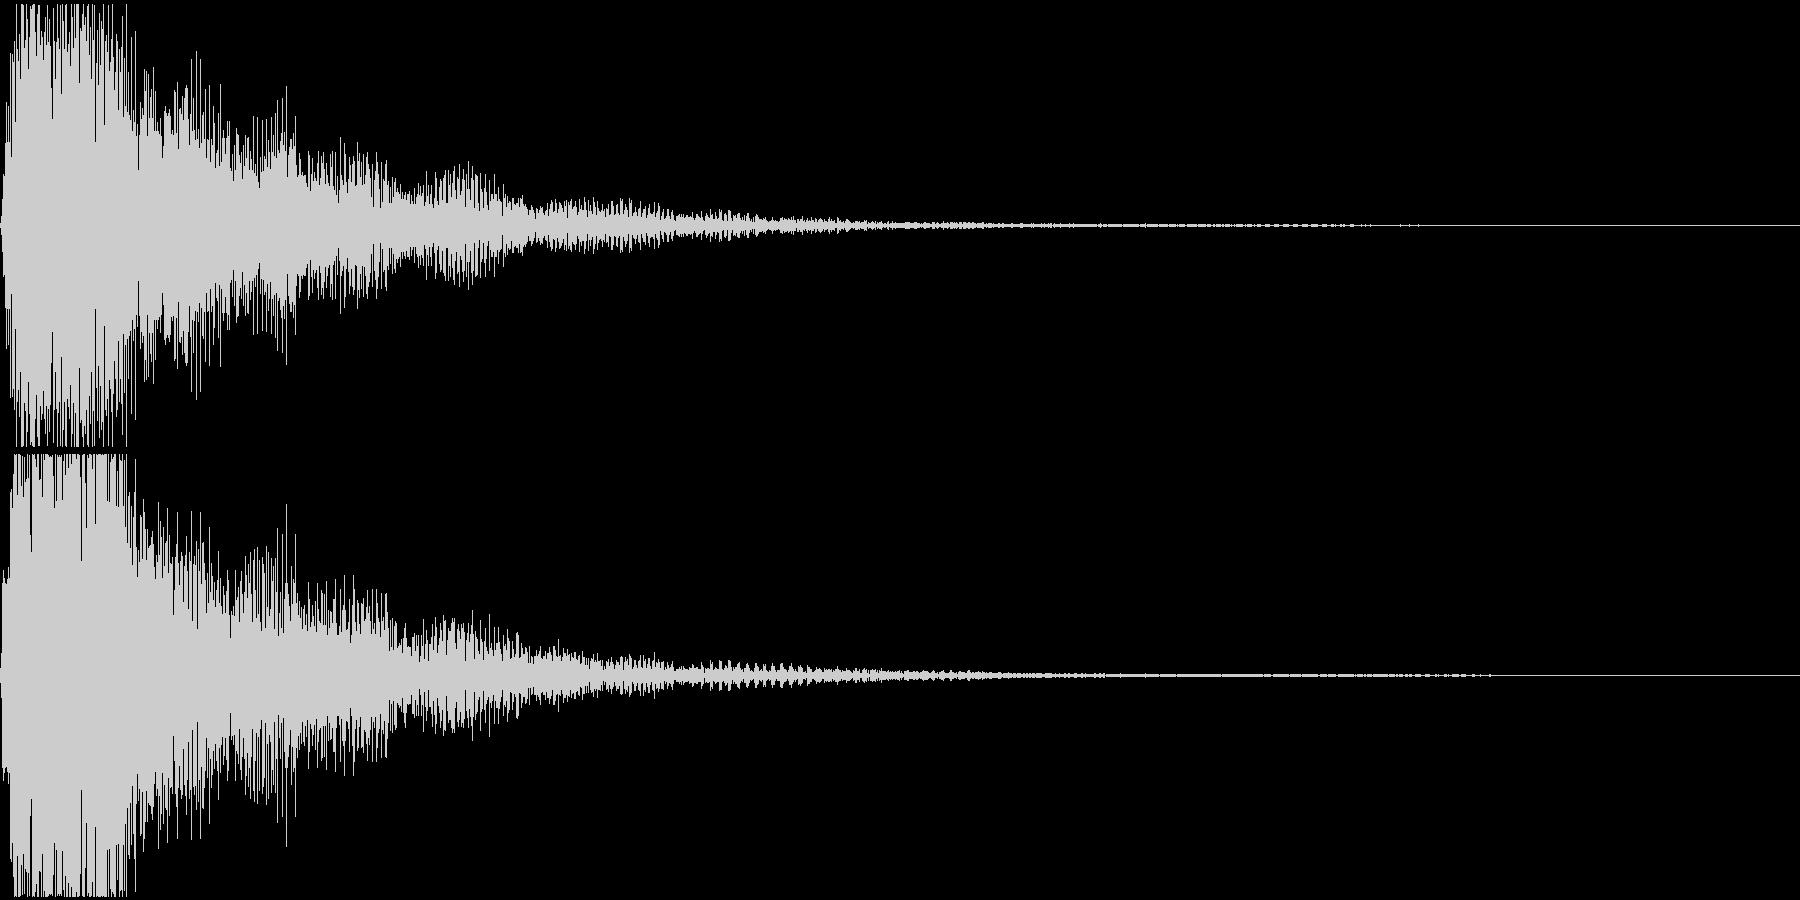 ラ♯/シ♭単音のオーケストラルヒットの未再生の波形